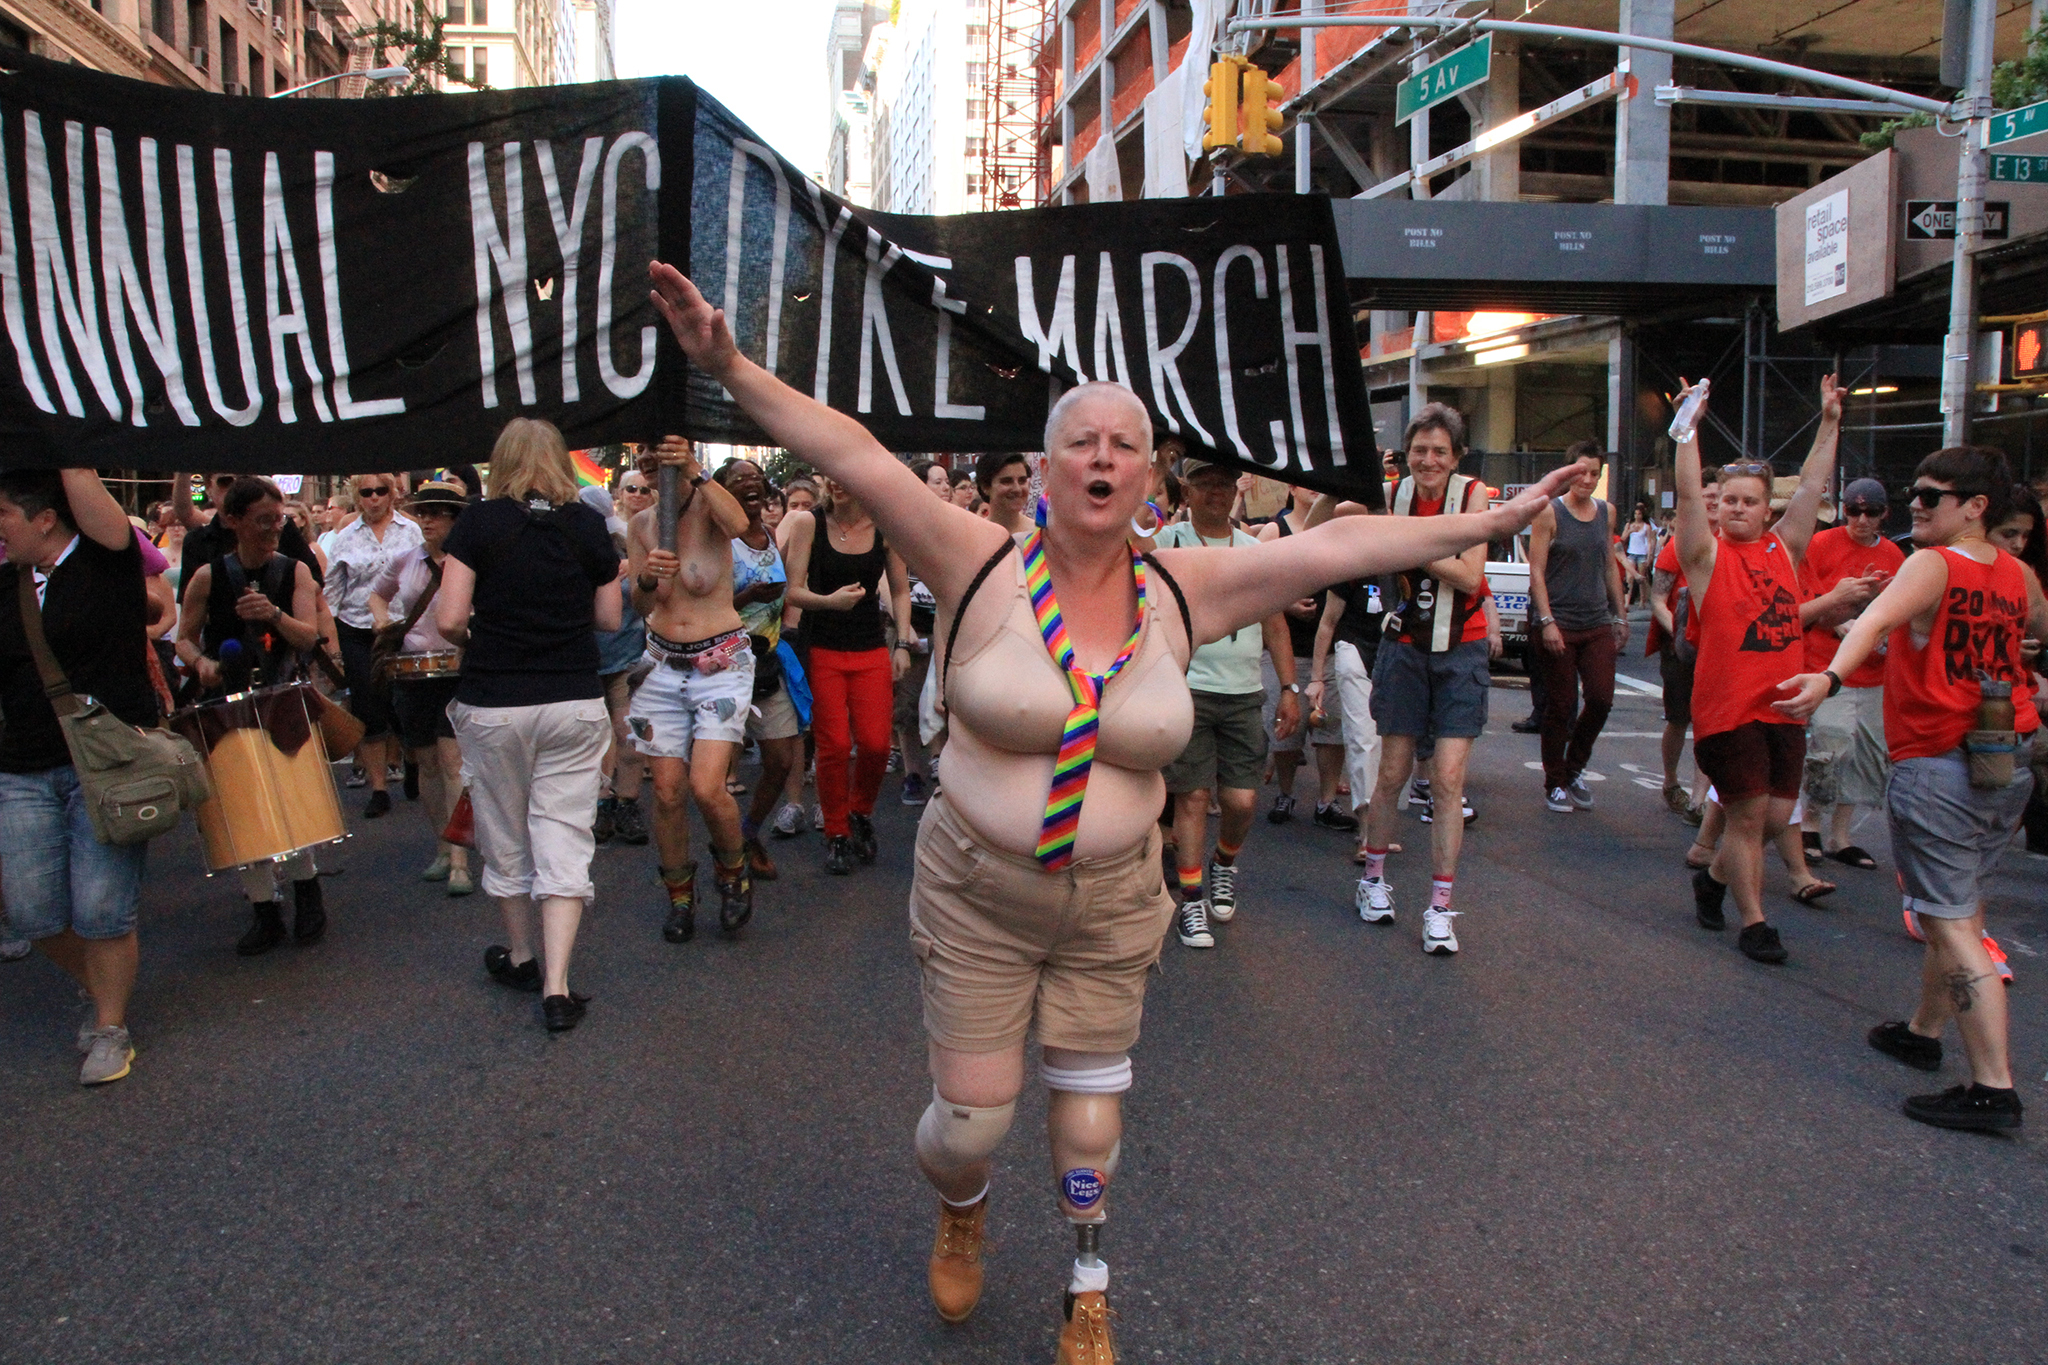 Gay Pride NYC: 20th annual Dyke March